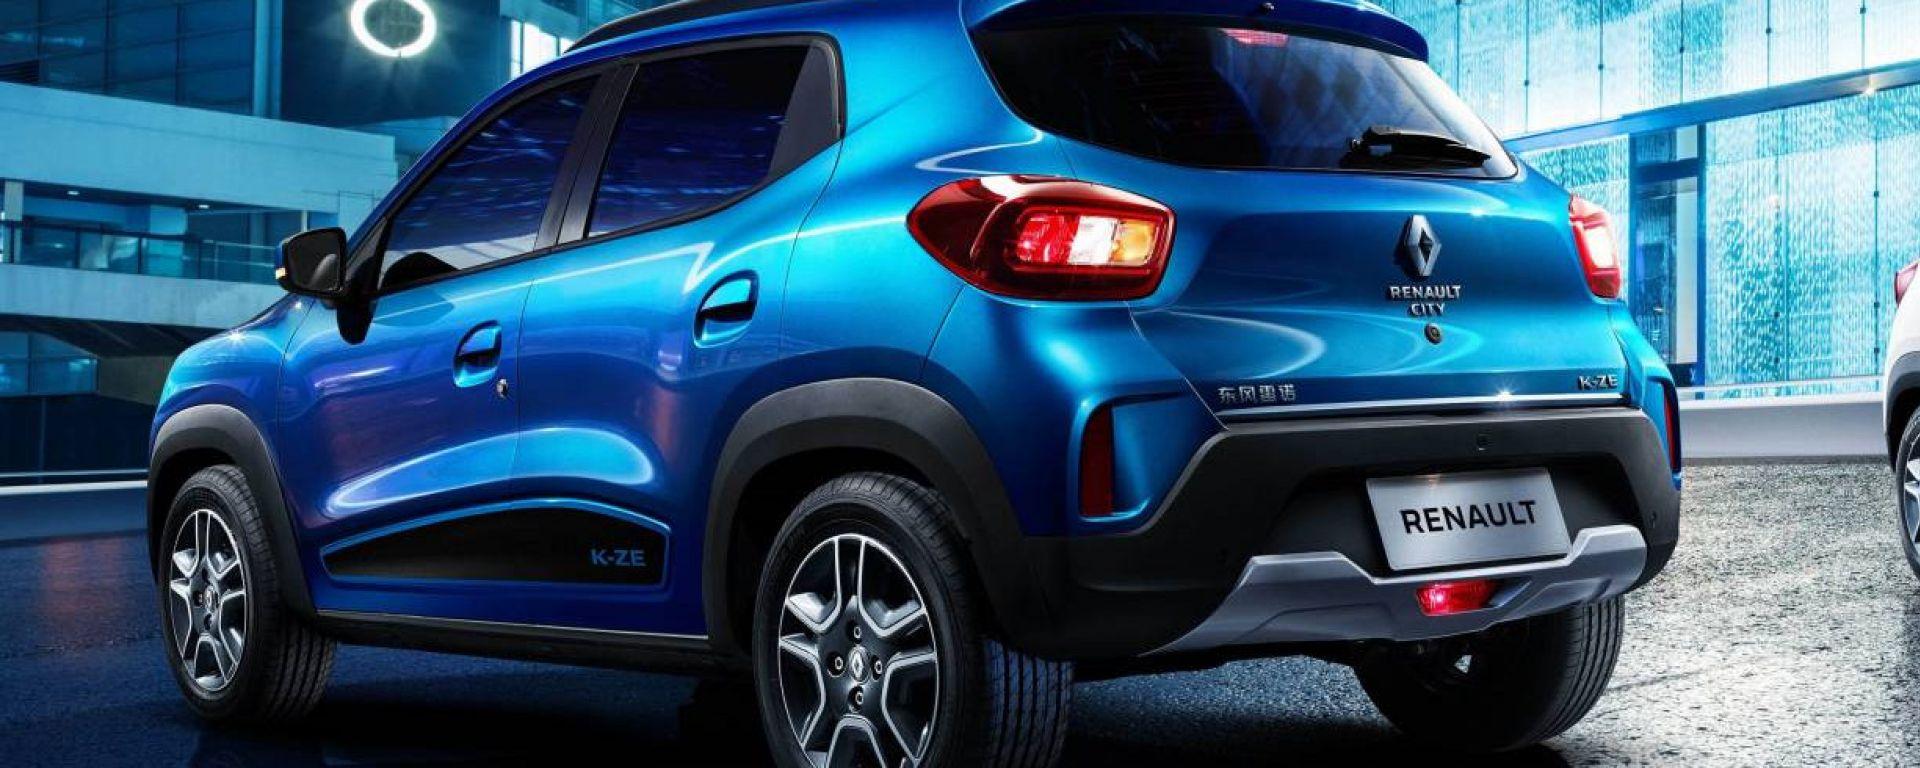 Dacia, l'elettrica nel 2021. Non è la Duster, ma una citycar